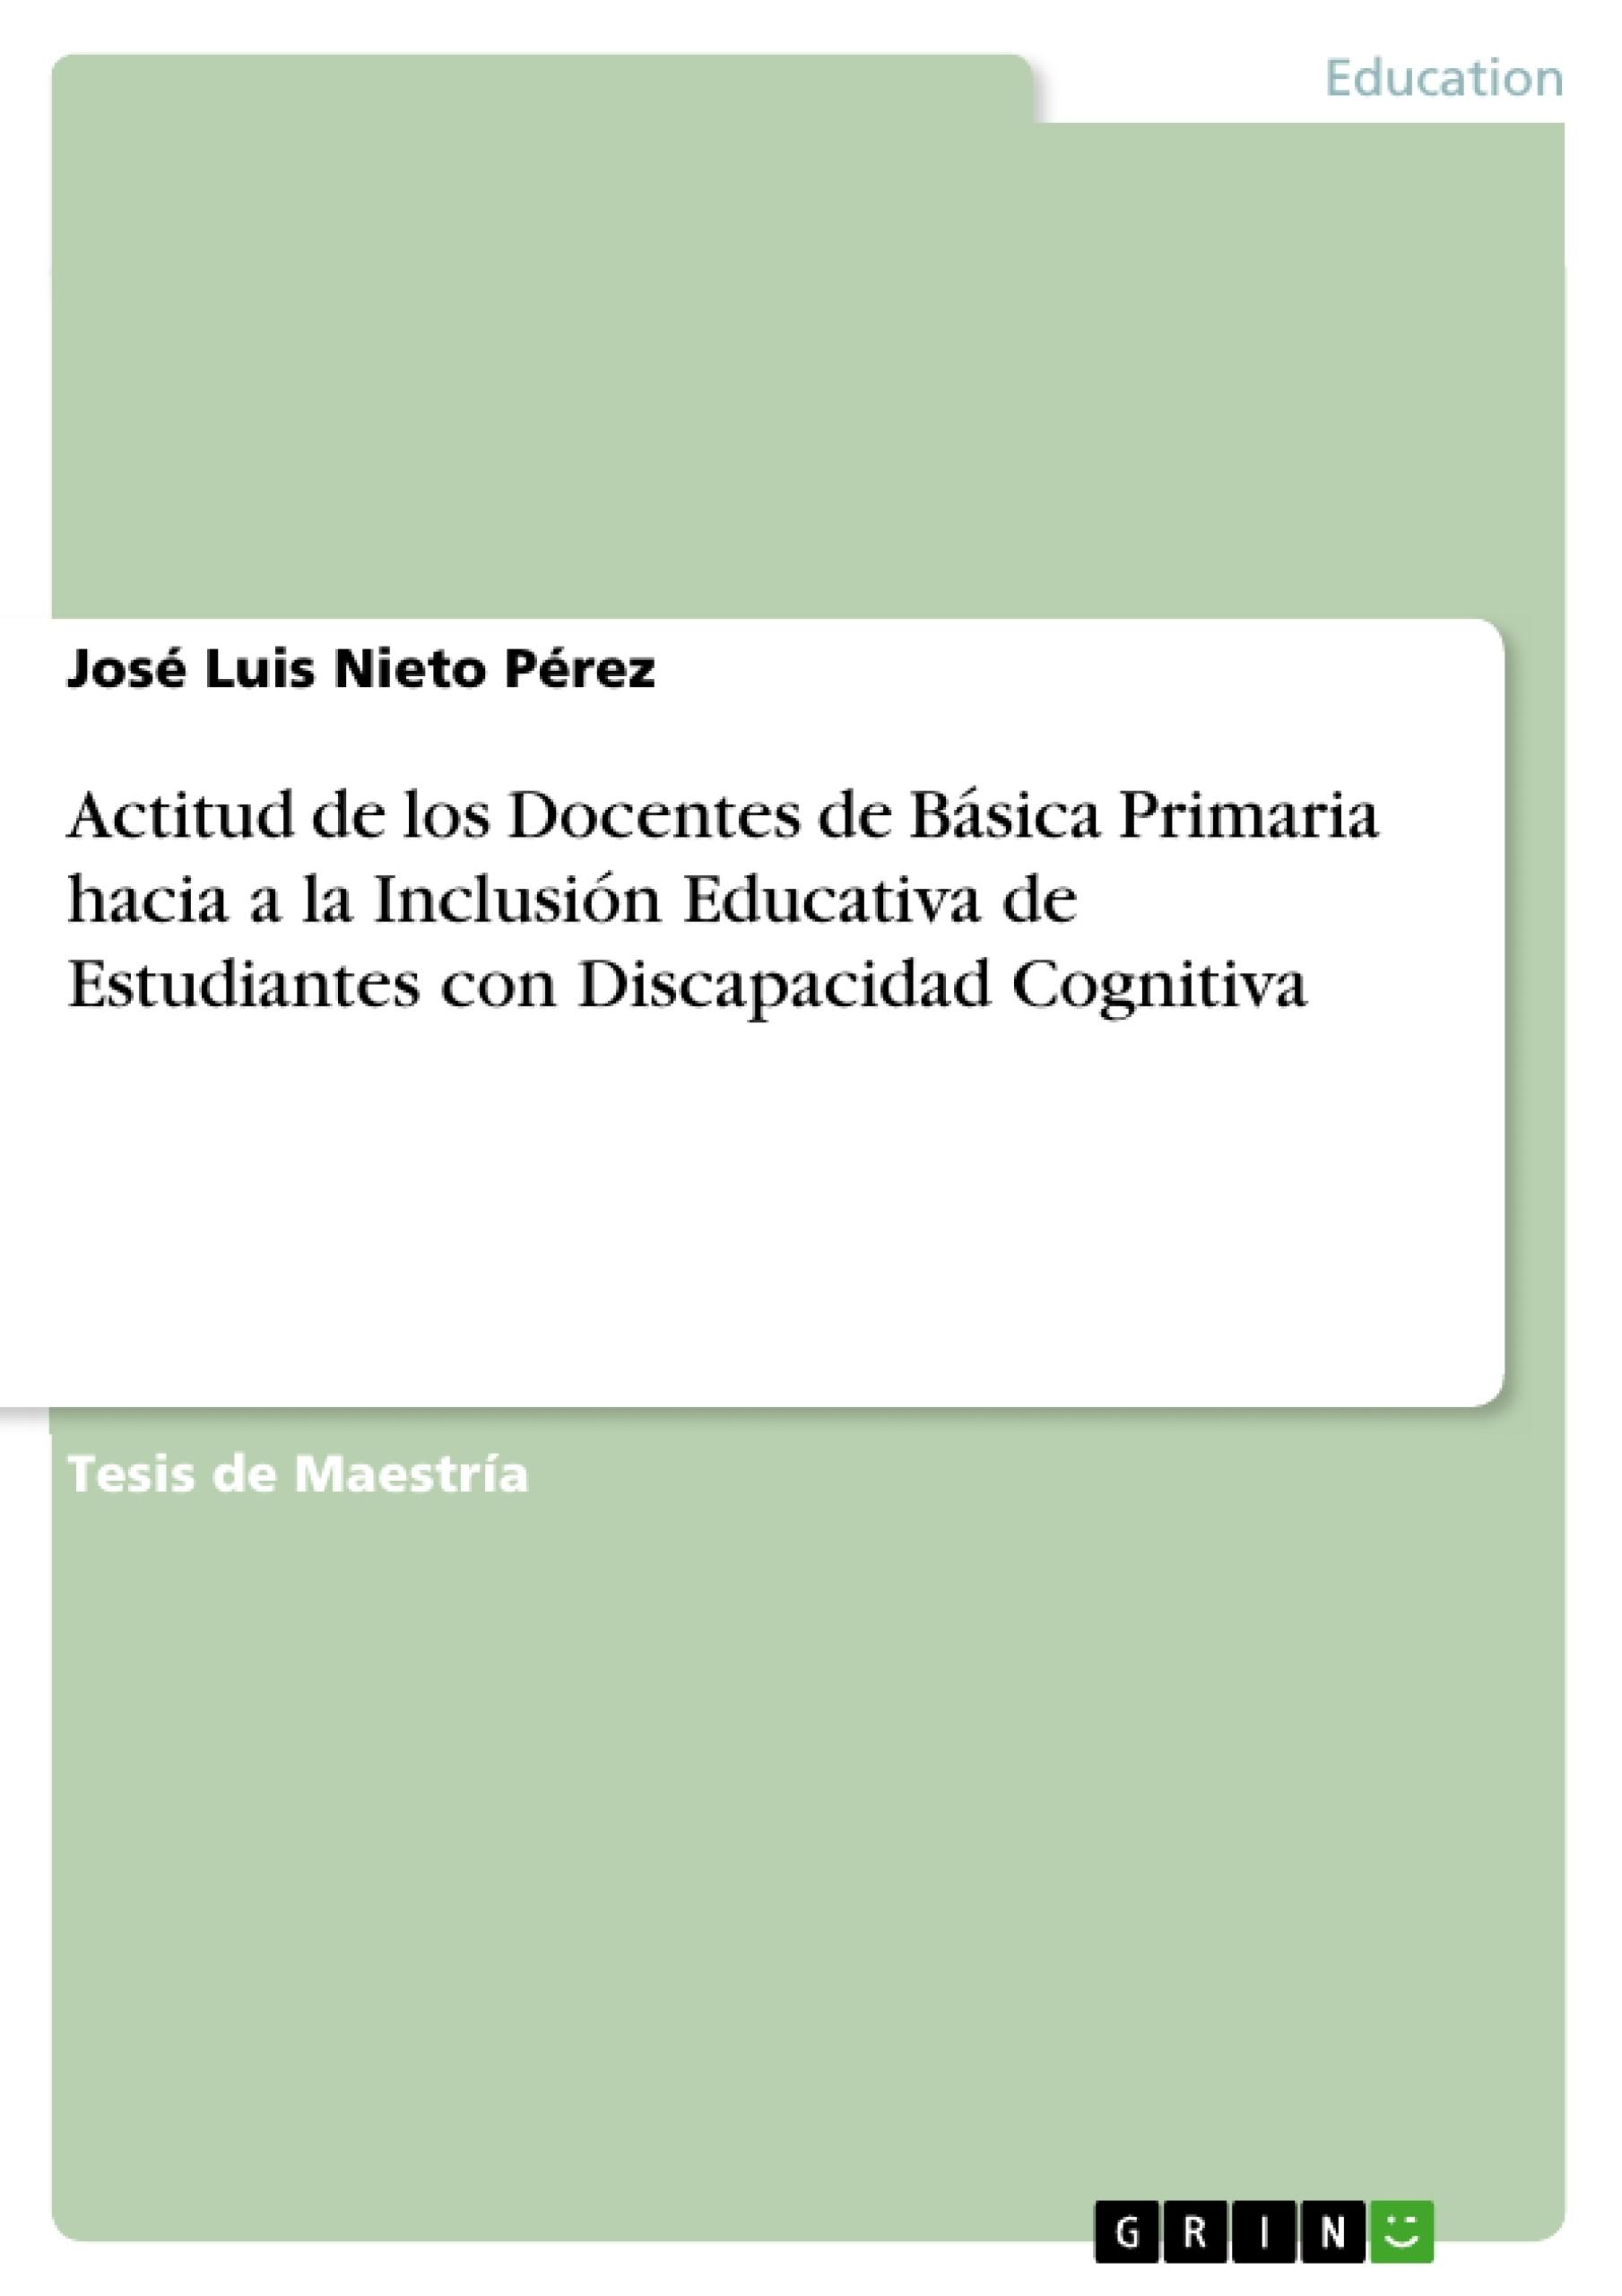 Título: Actitud de los Docentes de Básica Primaria hacia a la Inclusión Educativa de Estudiantes con Discapacidad Cognitiva